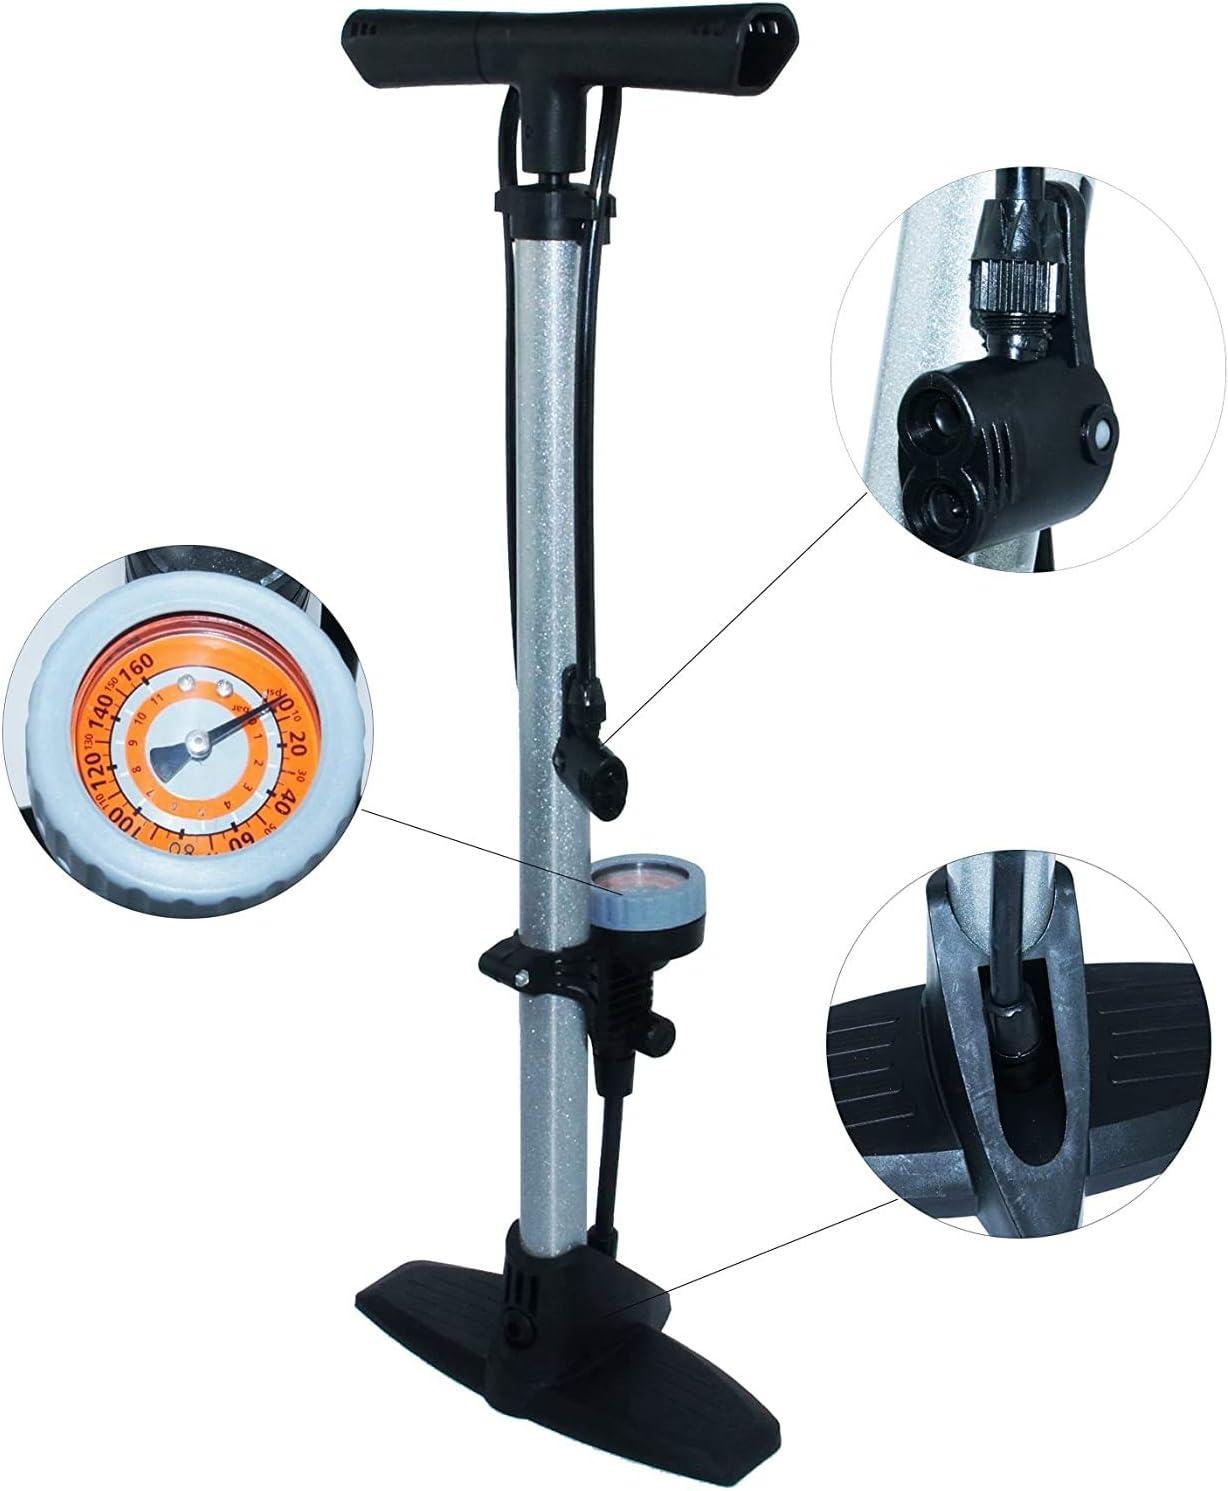 Completamente Port/átil KMTSTYLE Bomba Inflador de Suelo para Bicicleta con Man/ómetro Profesional Compatible con v/álvulas Presta y Schrader.